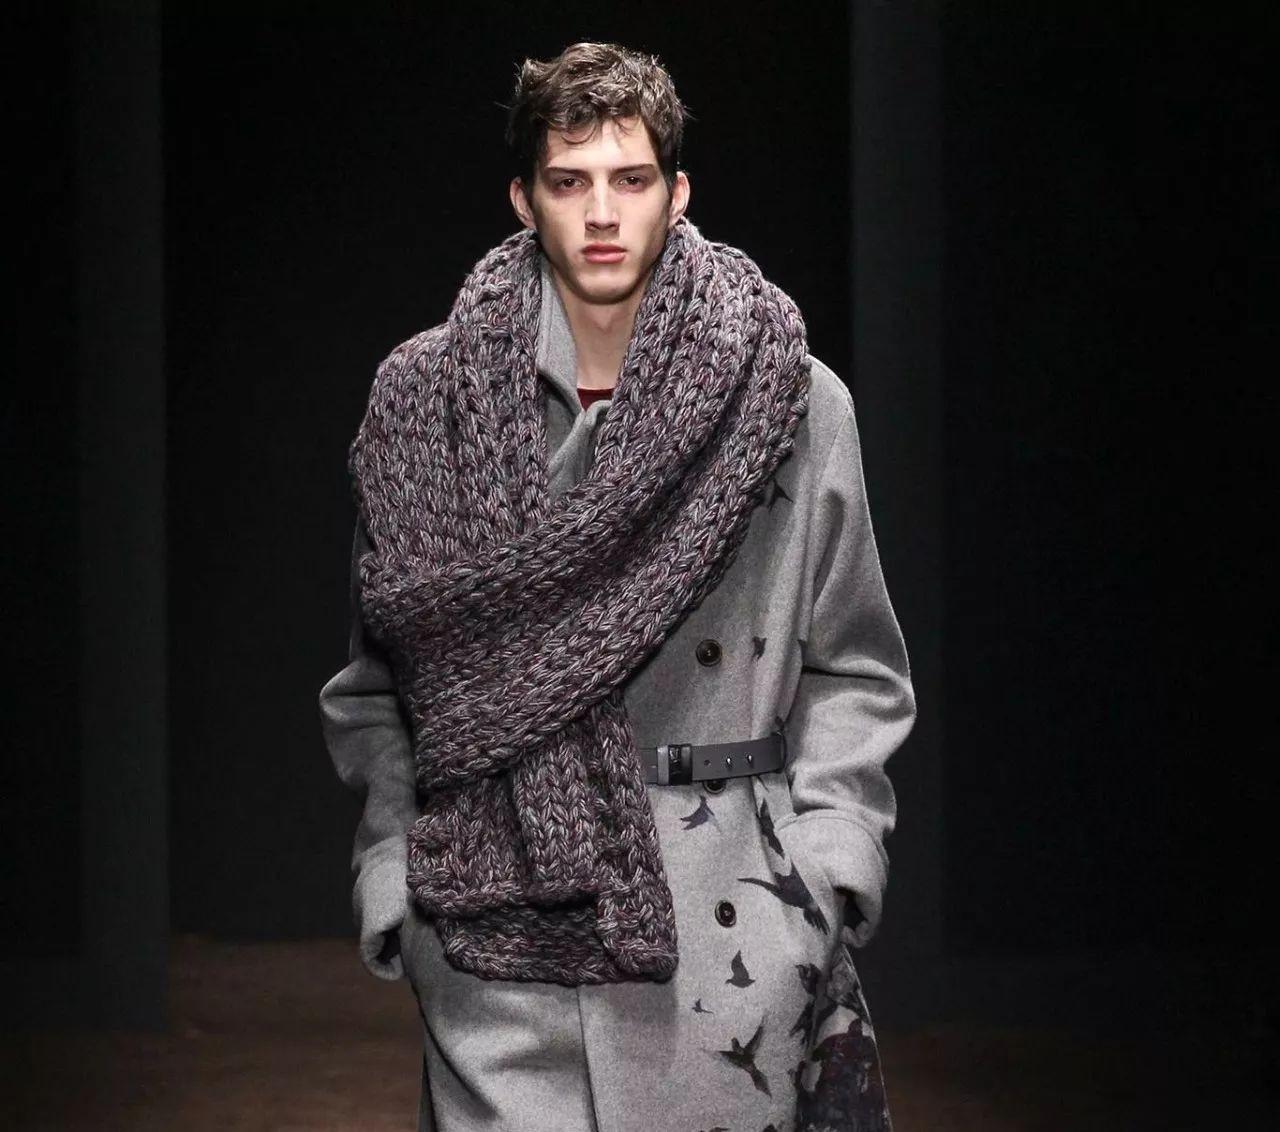 用羊绒的大衣面料可以做成围巾披肩吗?